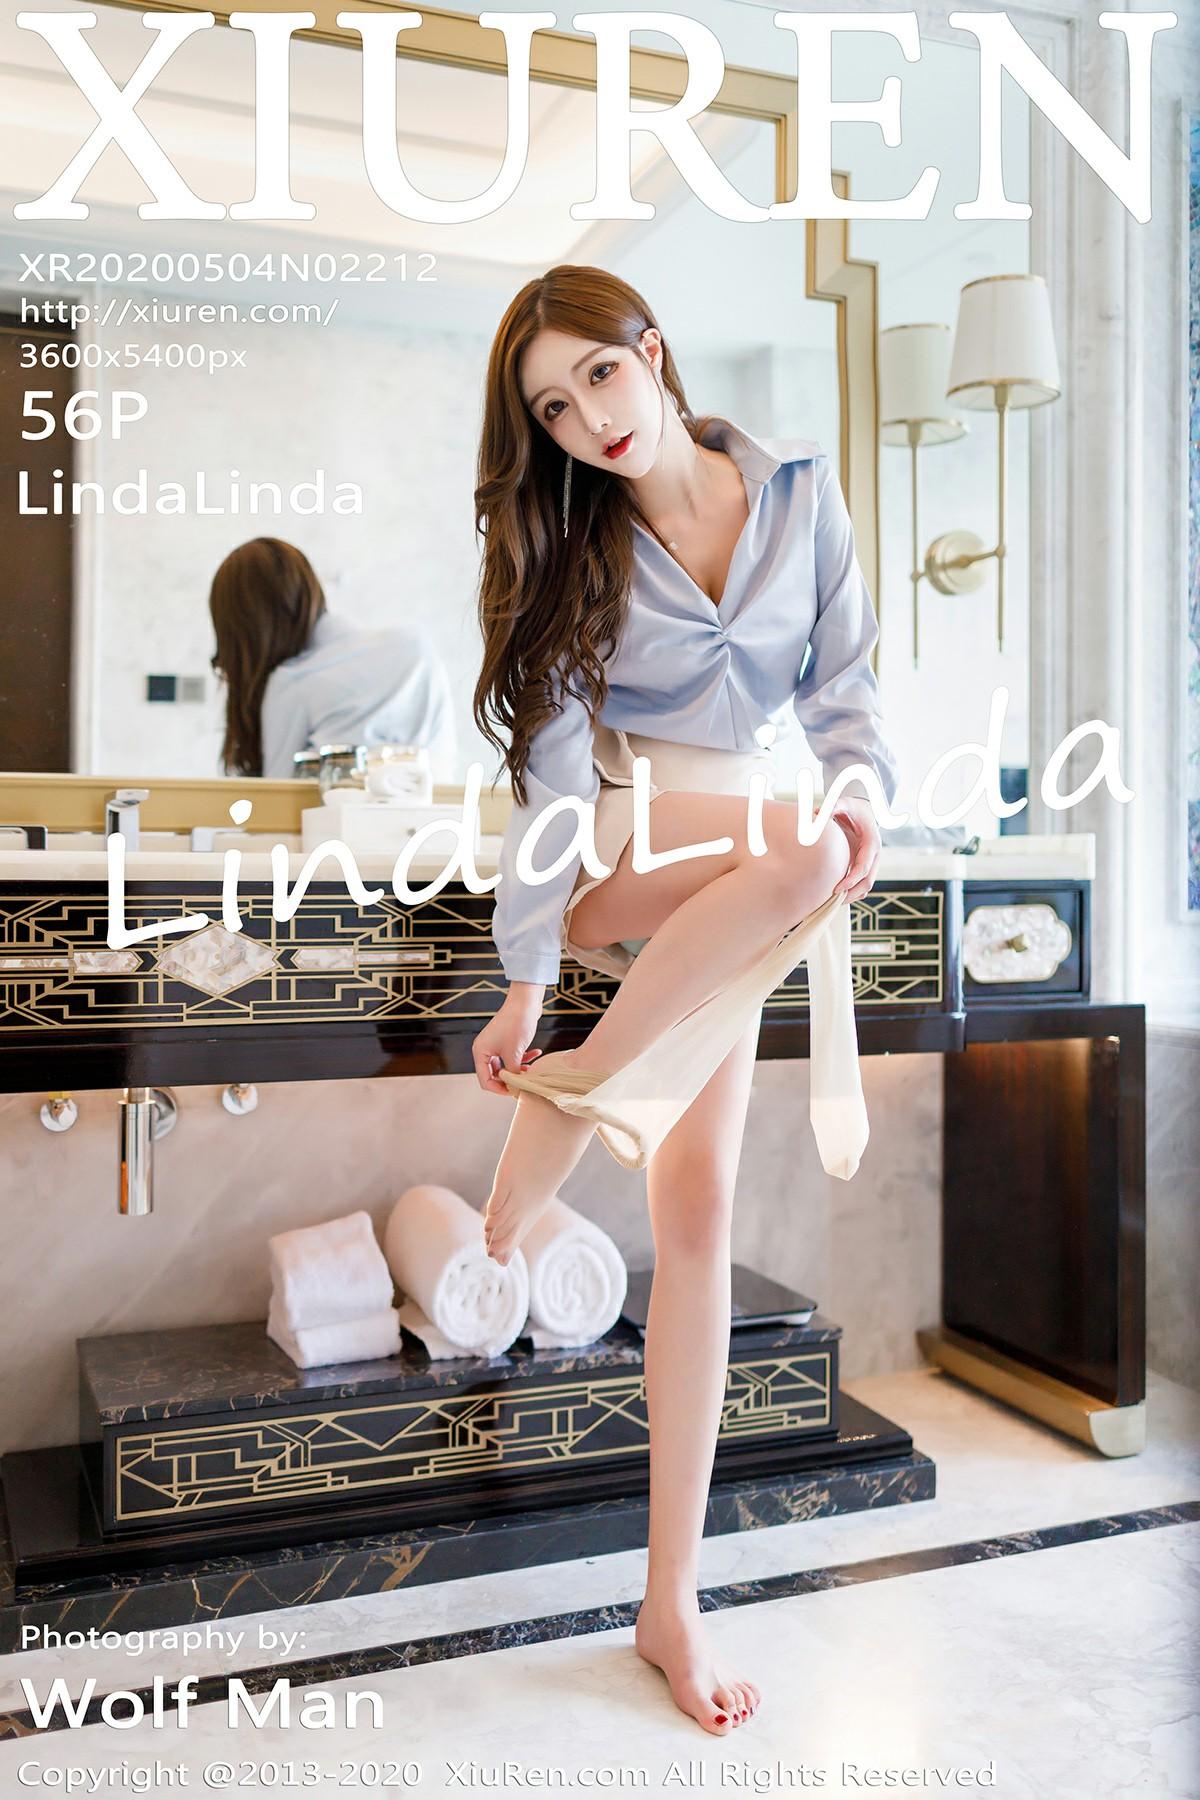 [XiuRen秀人网]2020.05.04 No.2212 LindaLinda 第1张